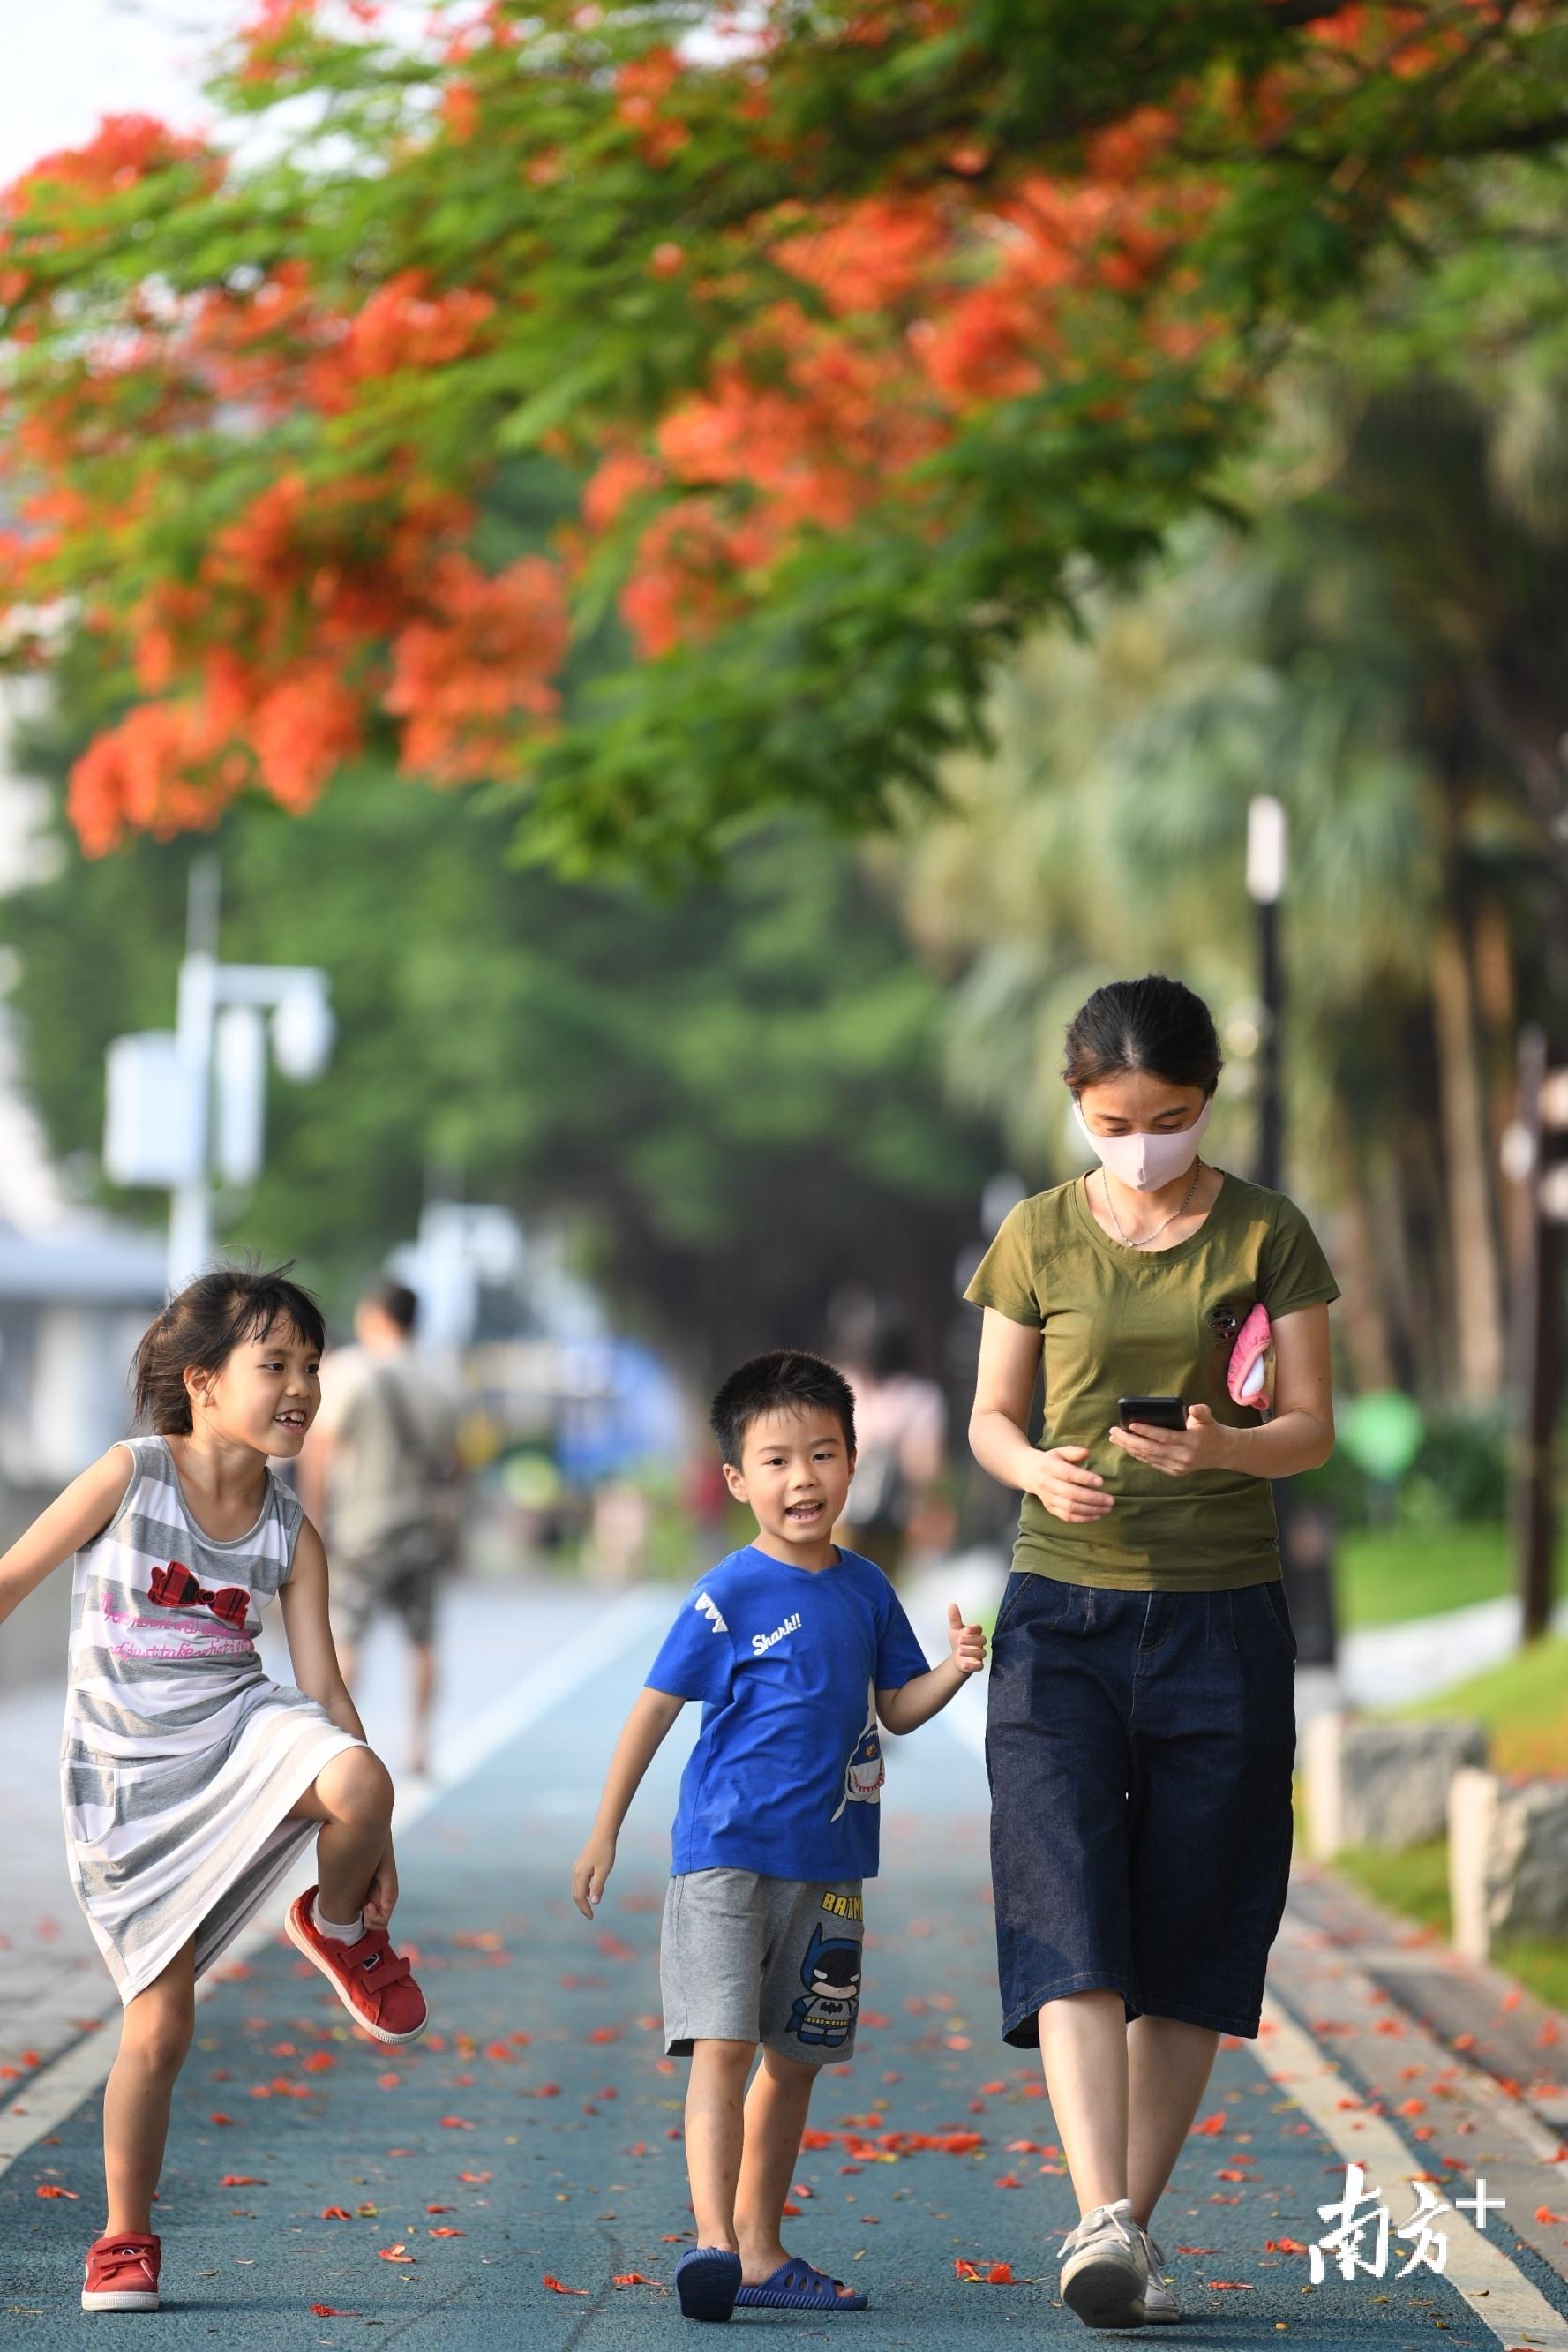 一位妈妈和两个孩子漫步花下,有说有笑。杨兴乐摄